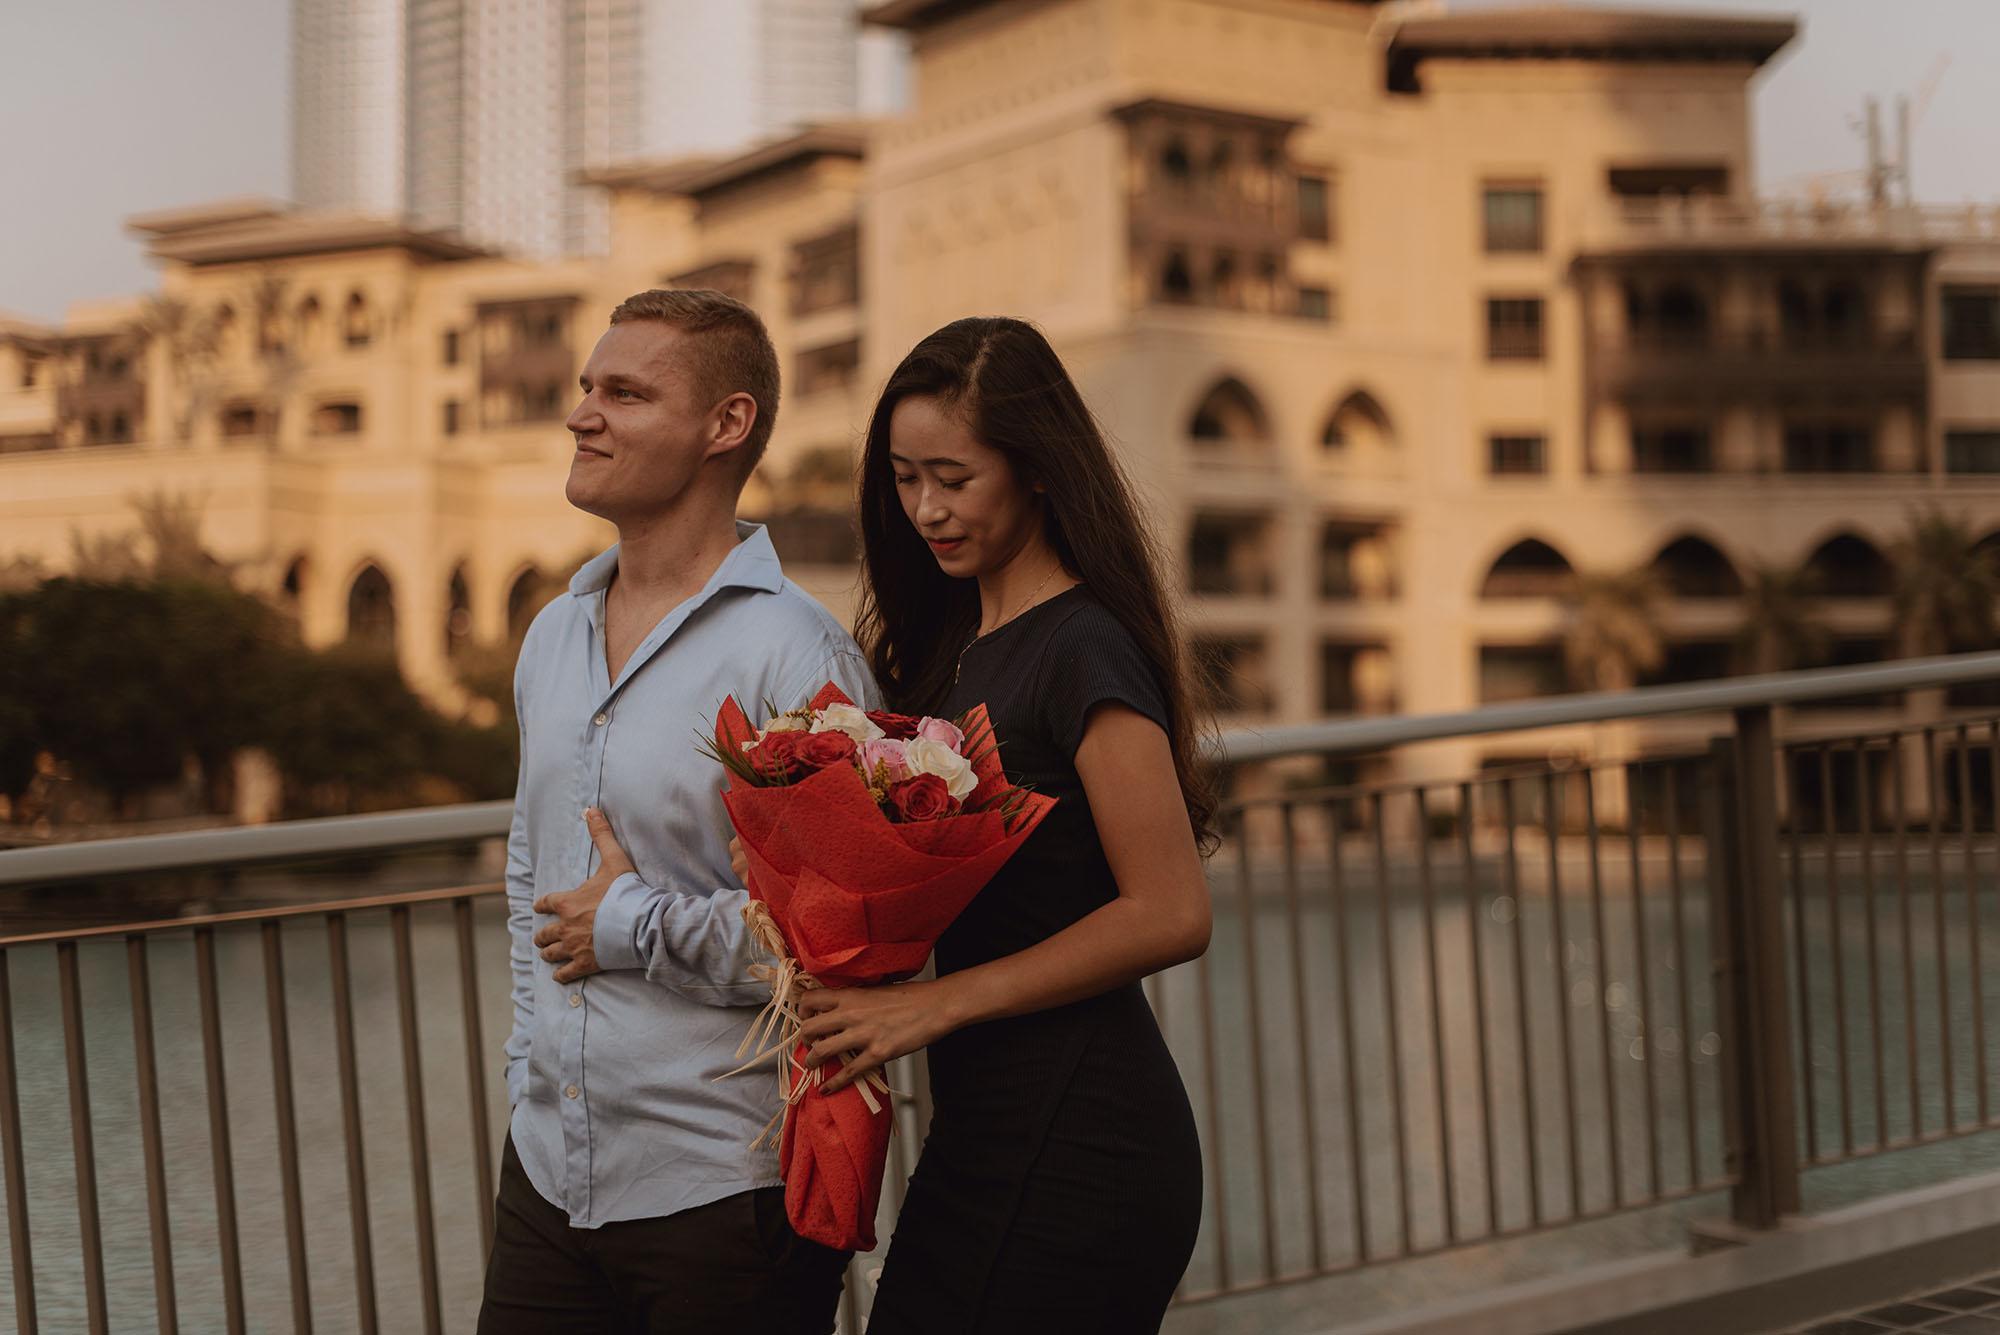 Sesja narzeczenska w Dubaju00009 - Polsko-indonezyjska miłość